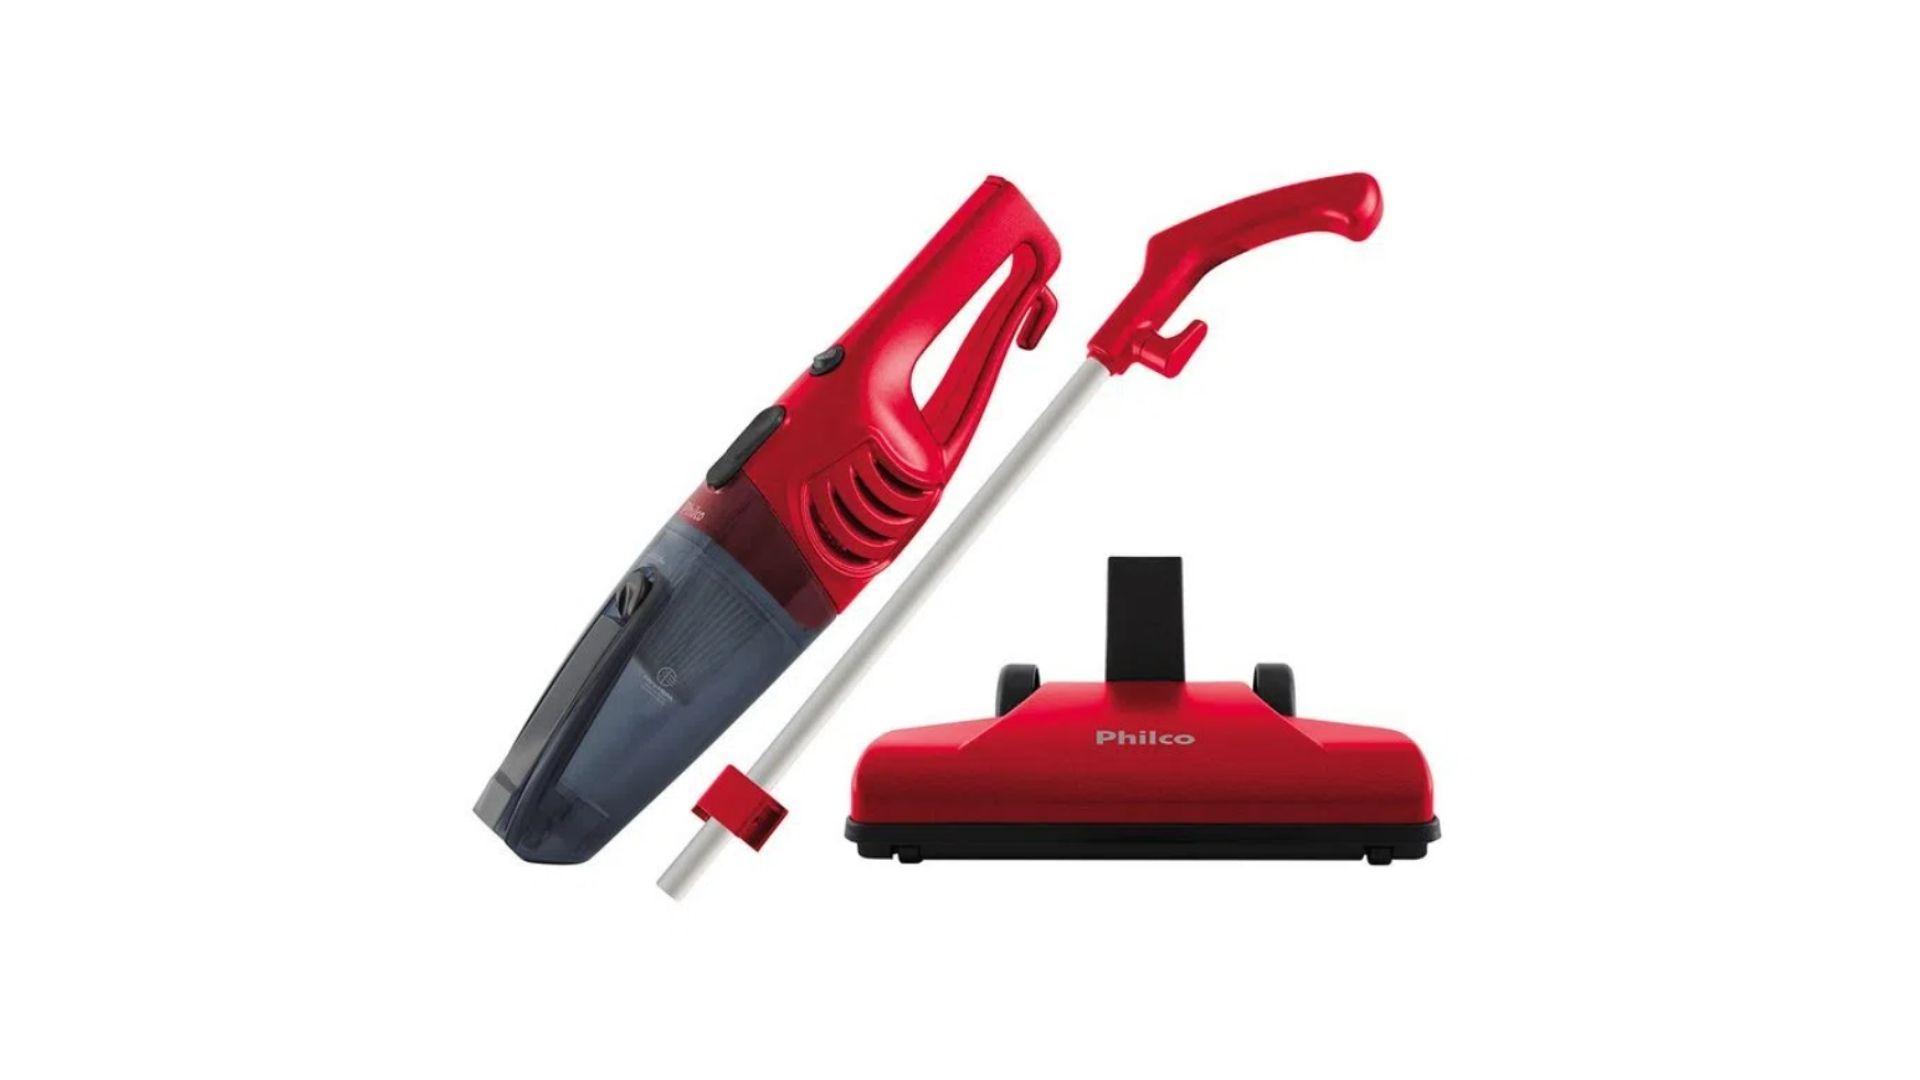 O Aspirador de Pó Philco PH1100 é ideal para limpezas leves (Foto: Divulgação)